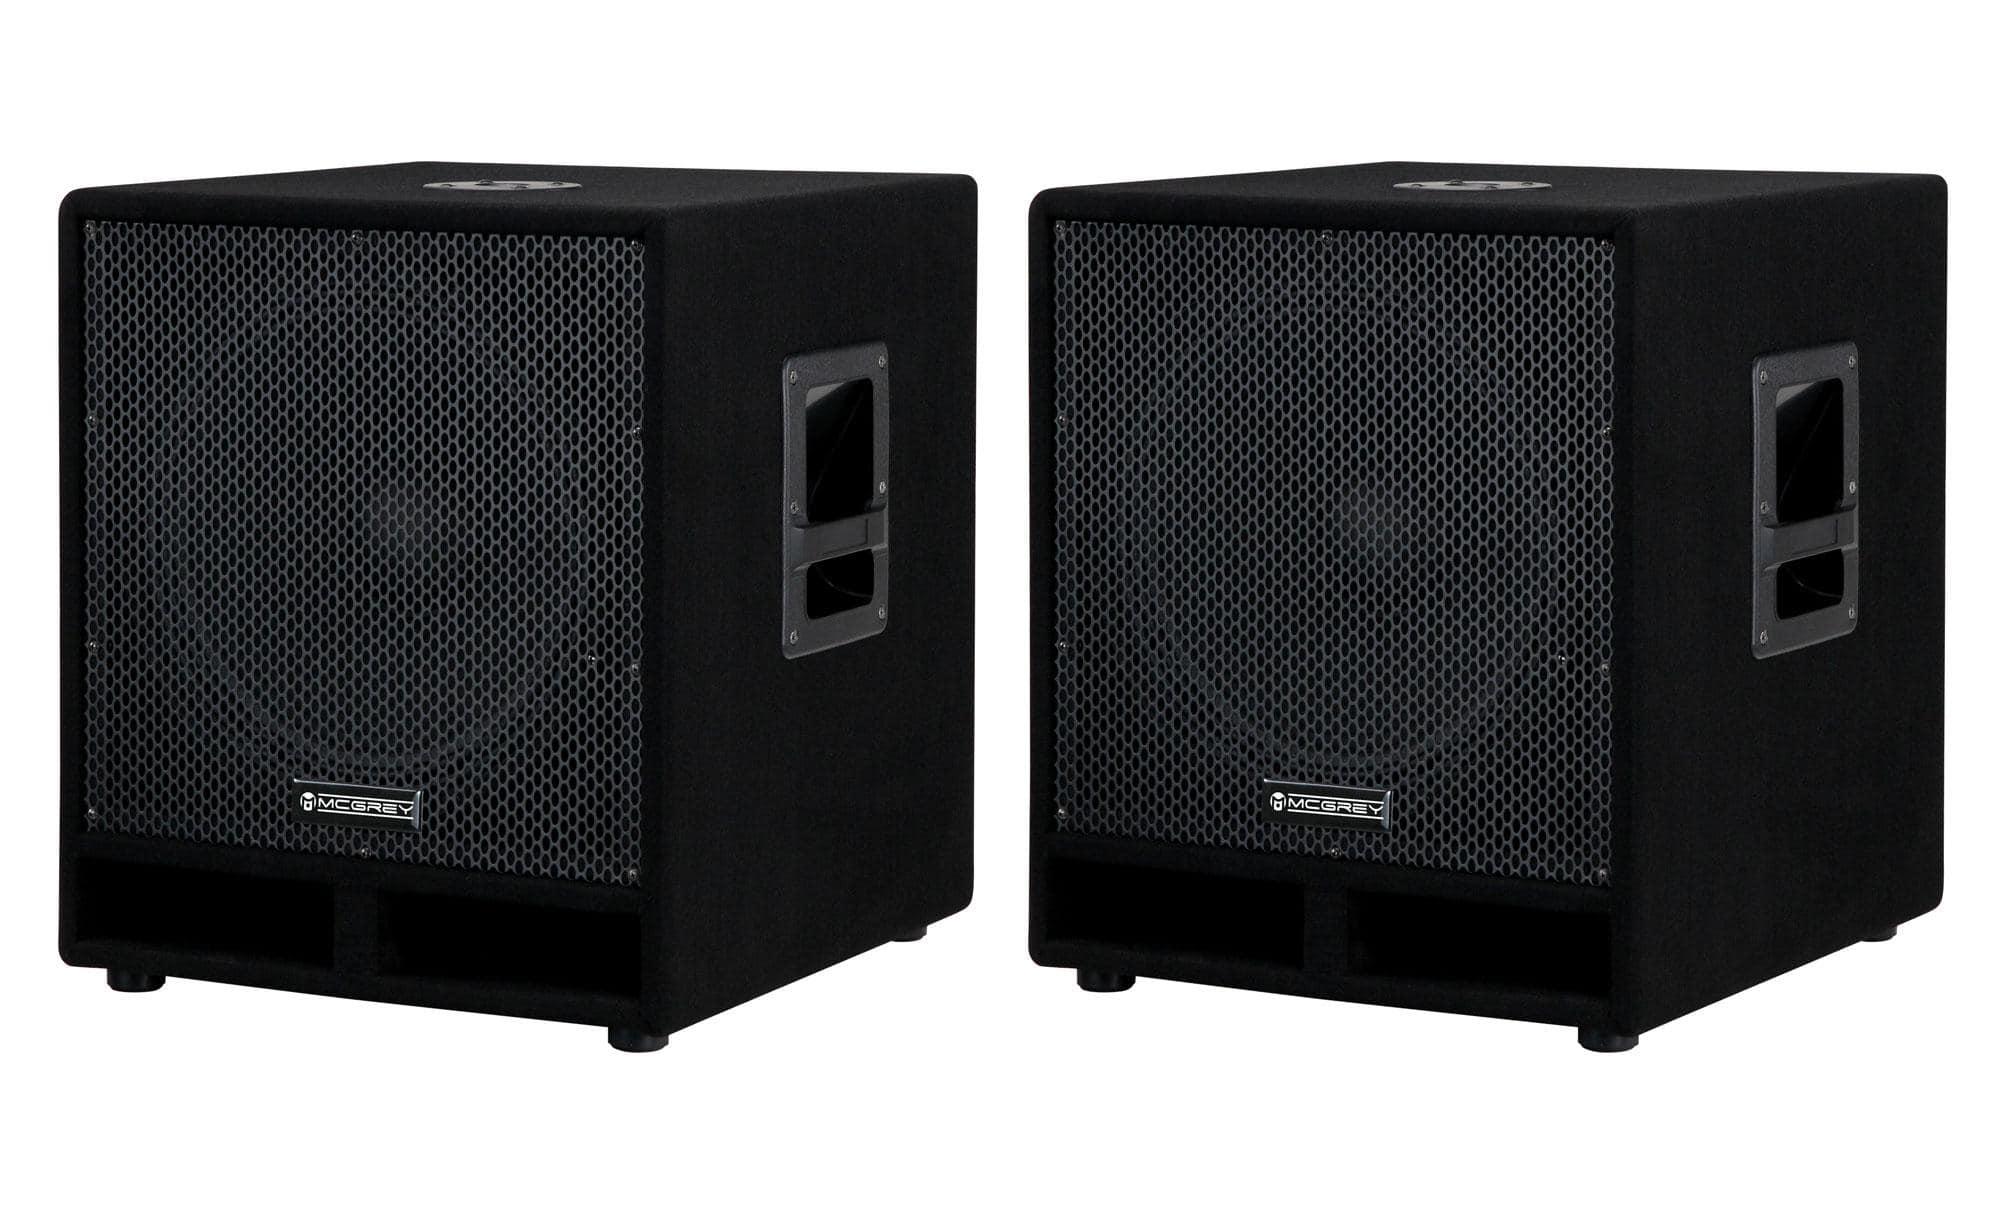 Pasubwoofer - McGrey PAS 115 15' passives PA Subwoofer Paar Bass Lautsprecher Boxen 1200 Watt - Onlineshop Musikhaus Kirstein